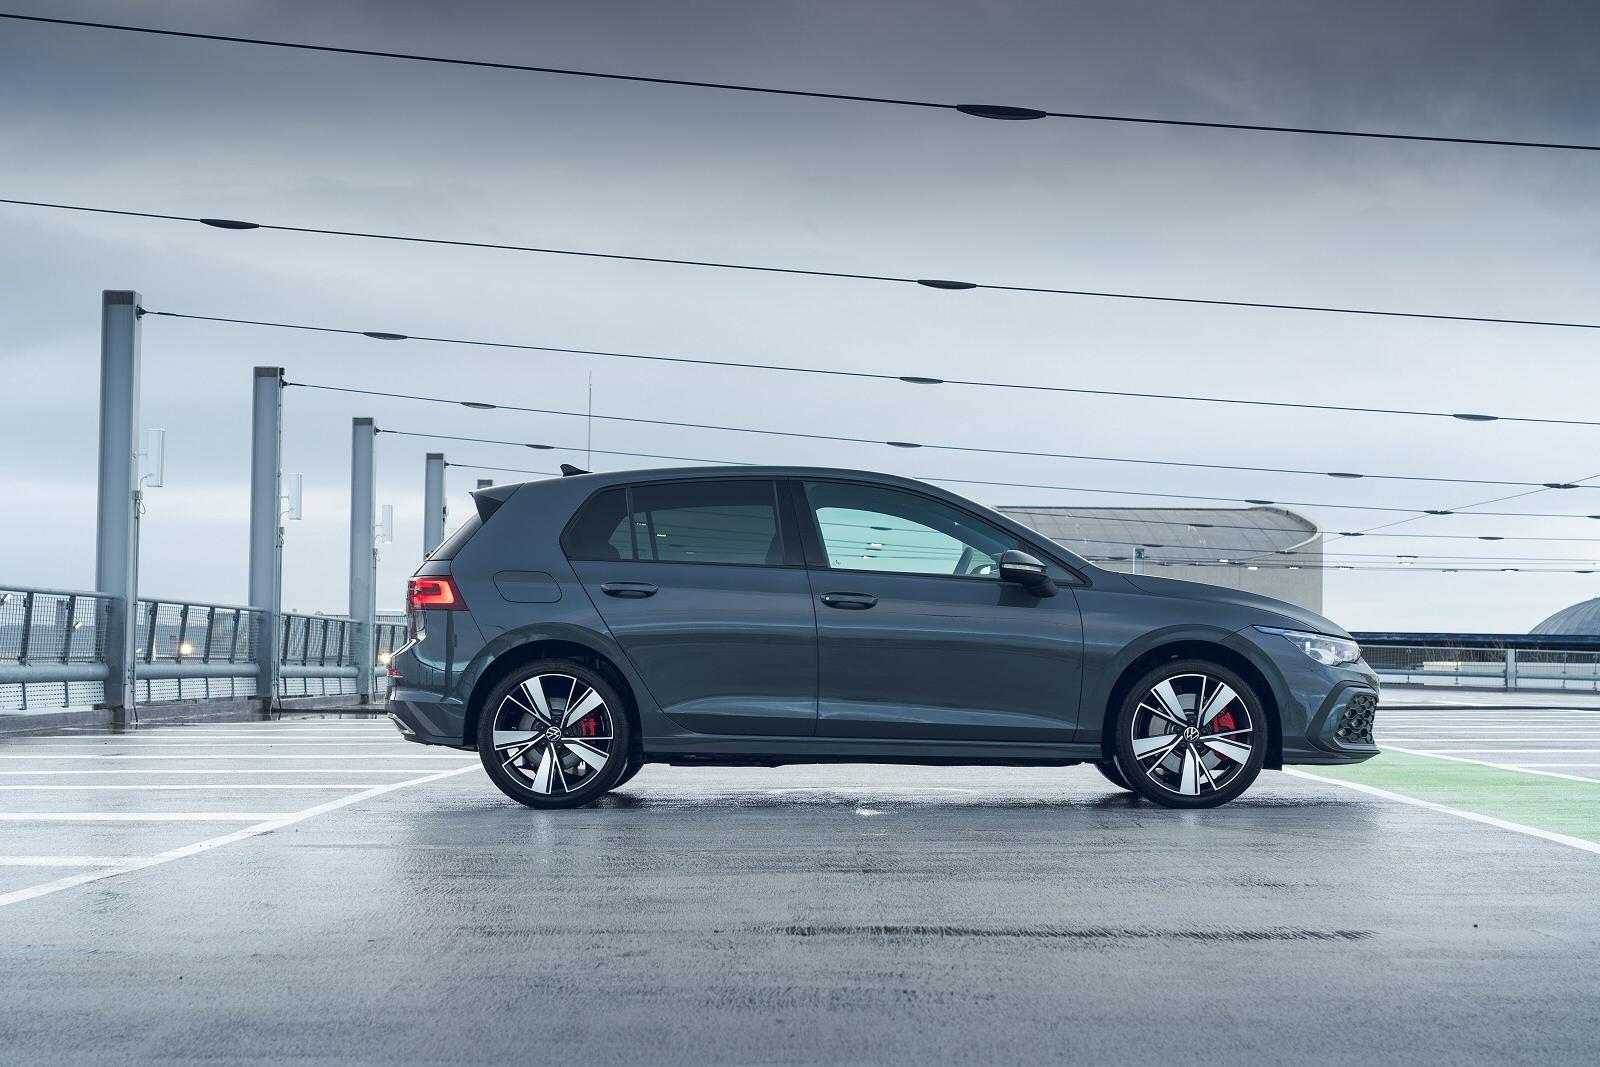 Volkswagen Golf MK7 Facelift 1.4 TSI GTE 204PS DSG